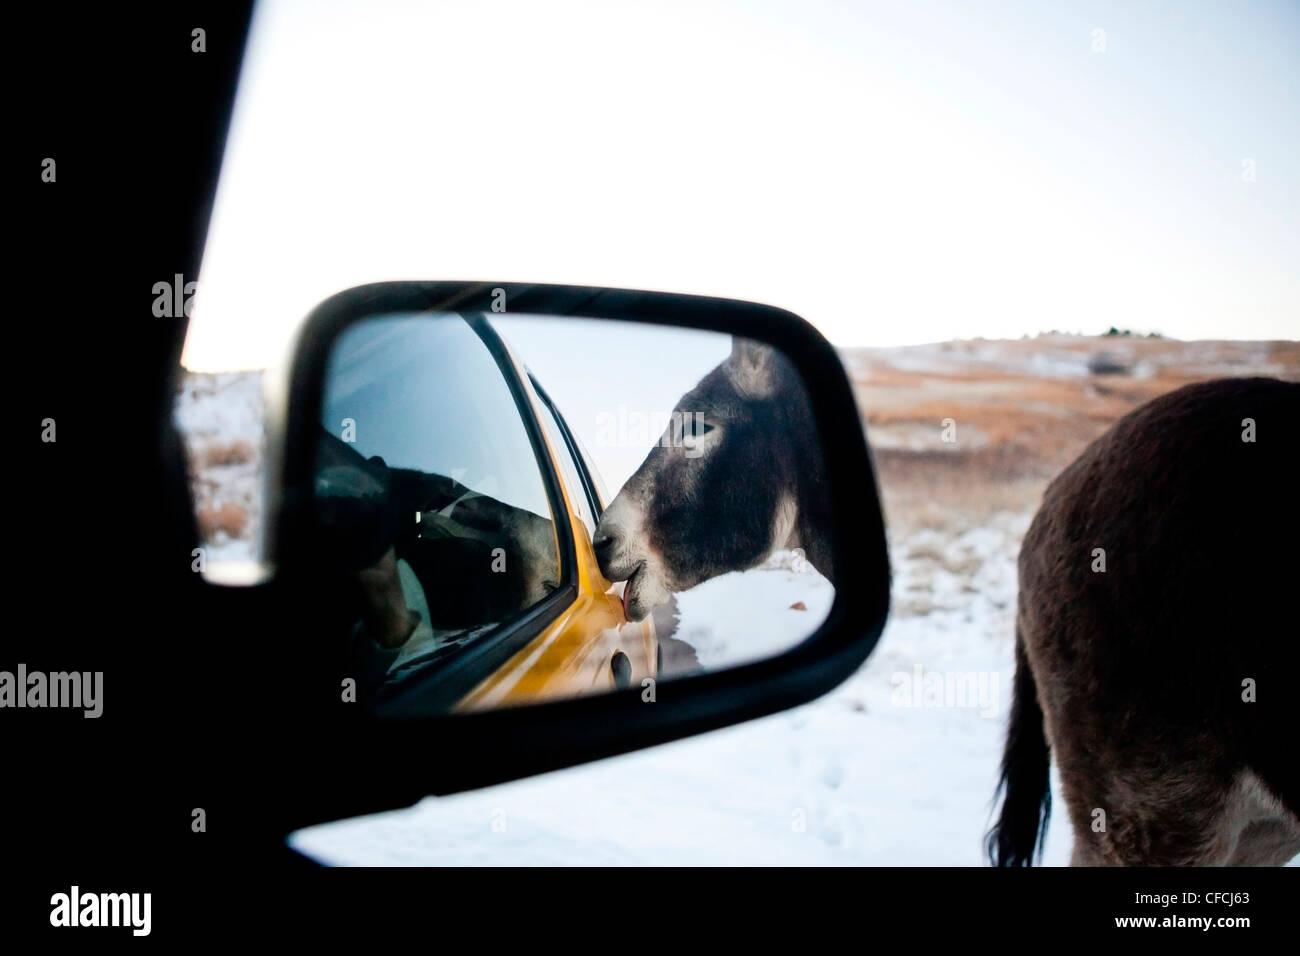 Ein wilder Esel bittet um Köstlichkeiten aus unserem Fahrzeug-Fenster während der Fahrt die Wildlife Loop Stockbild